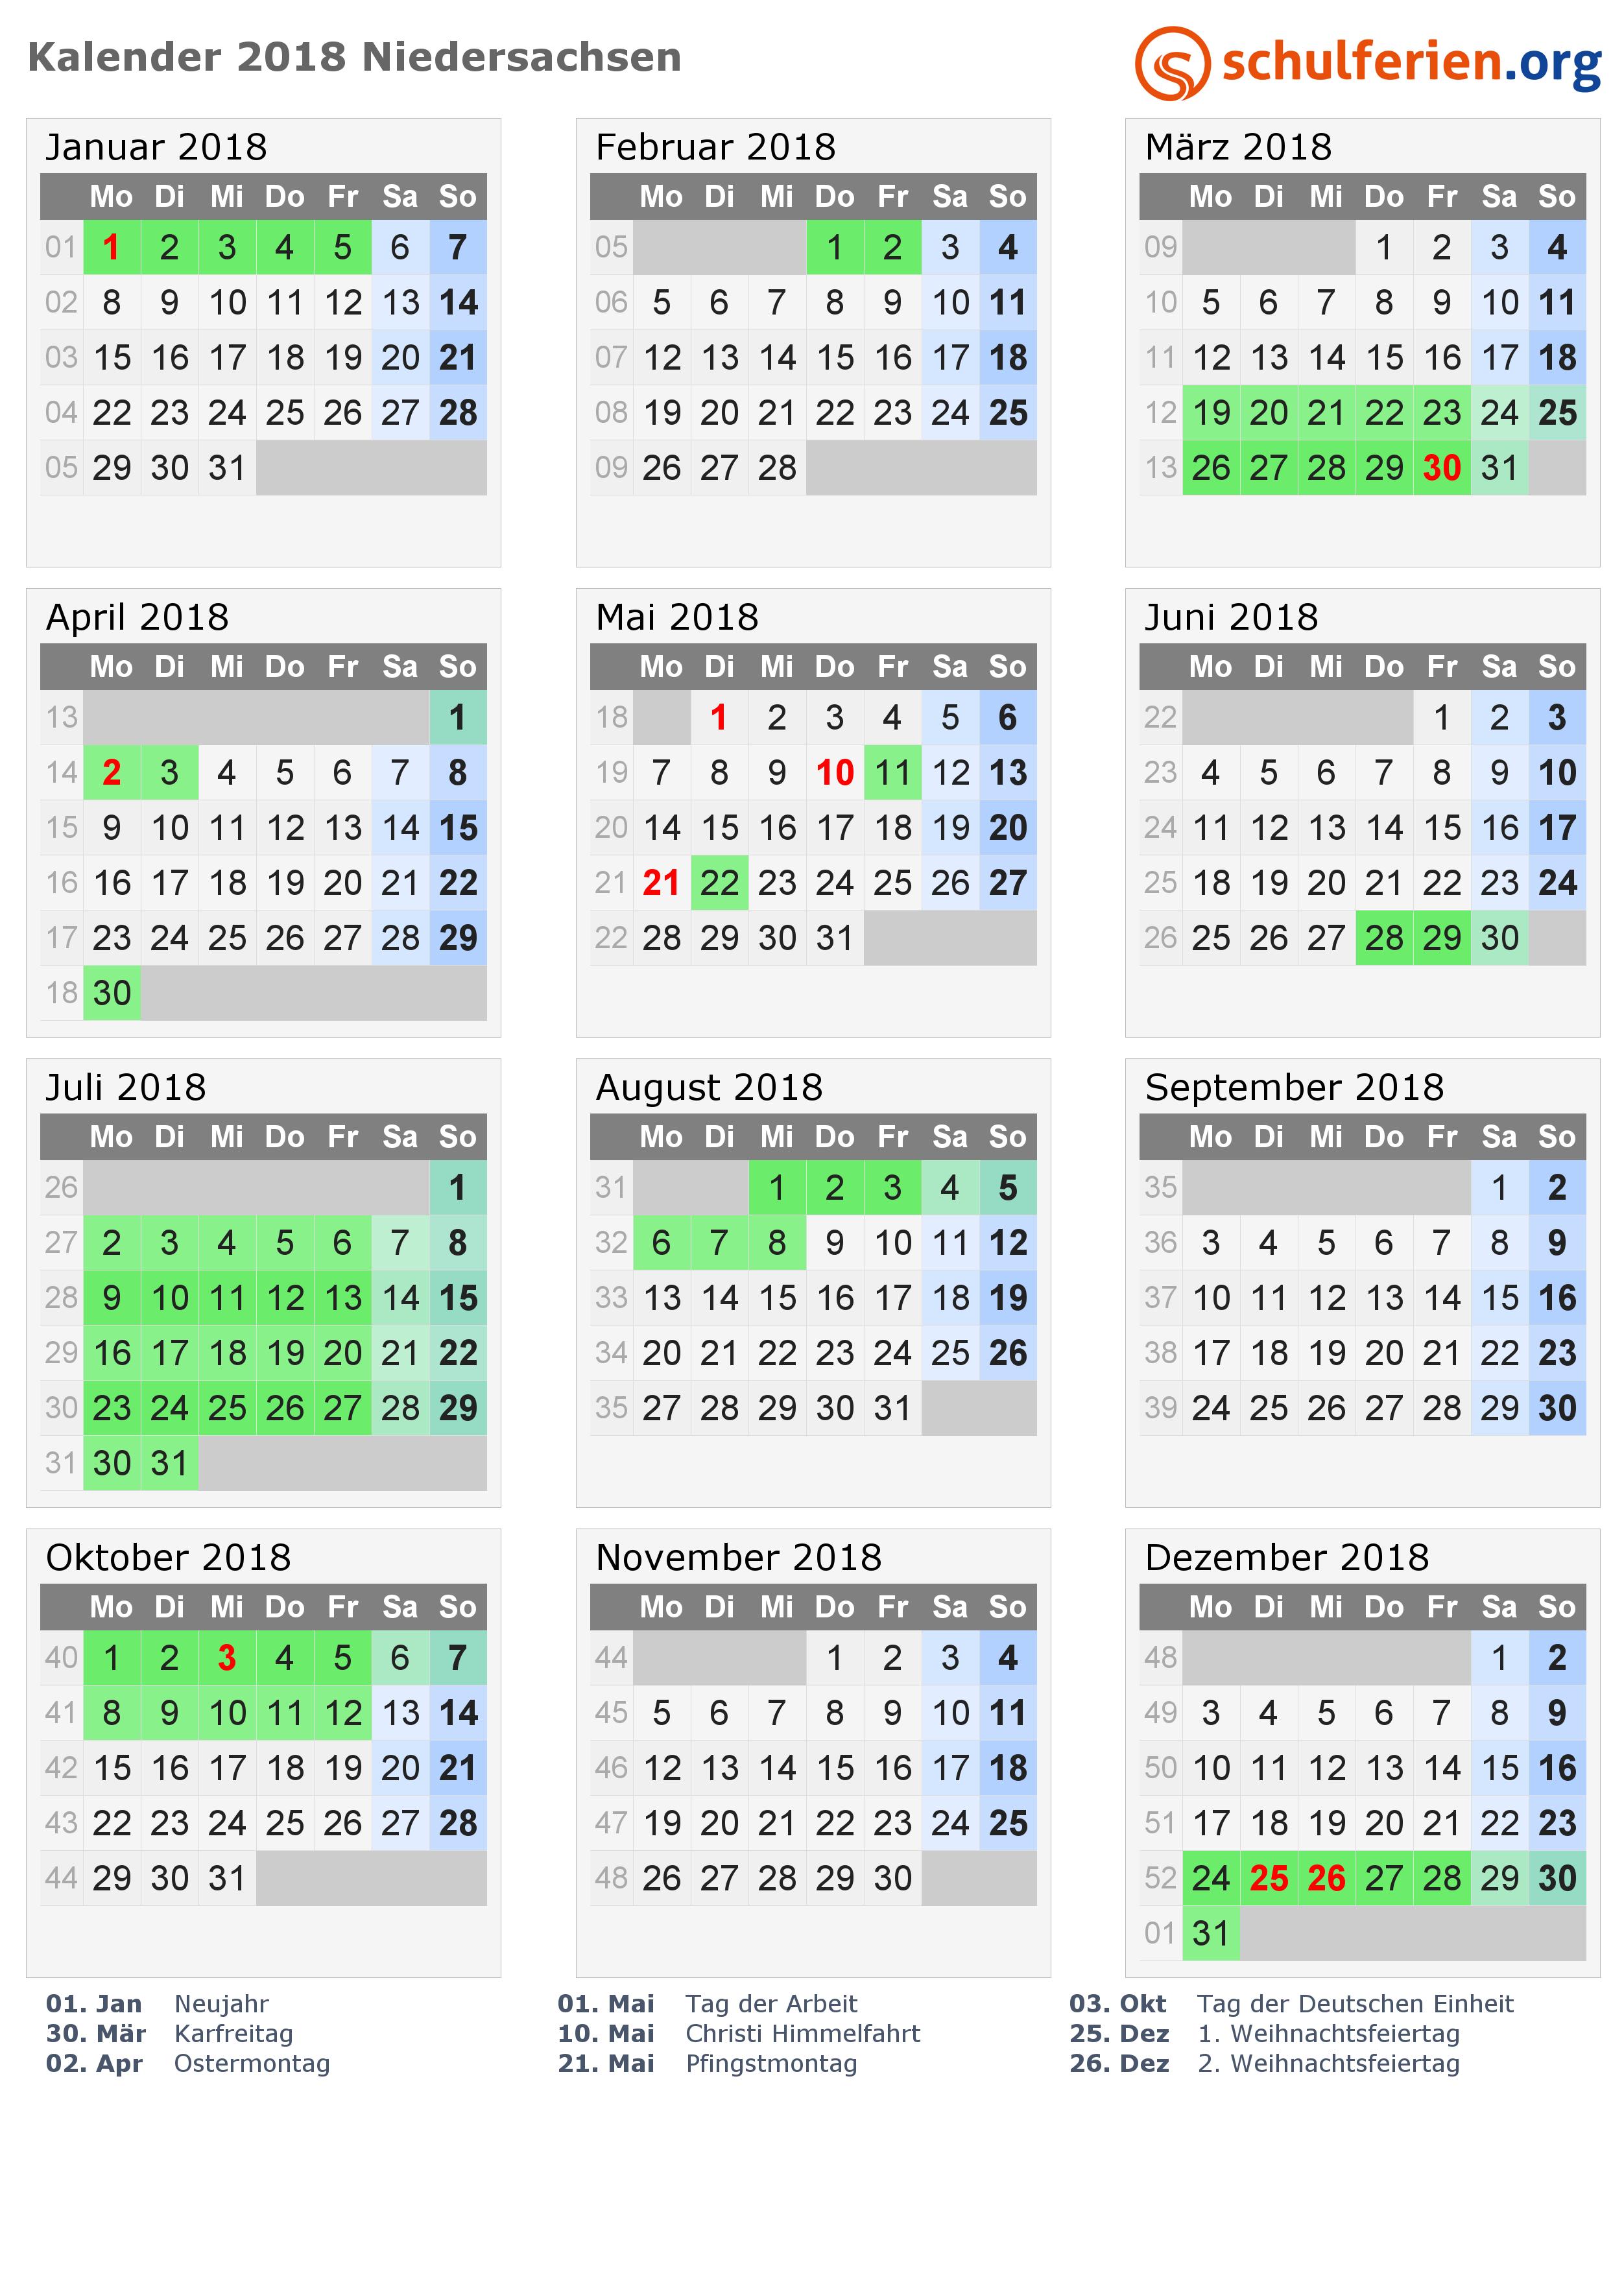 Kalender 2018 Mit Ferien Und Feiertagen Niedersachsen Ferien